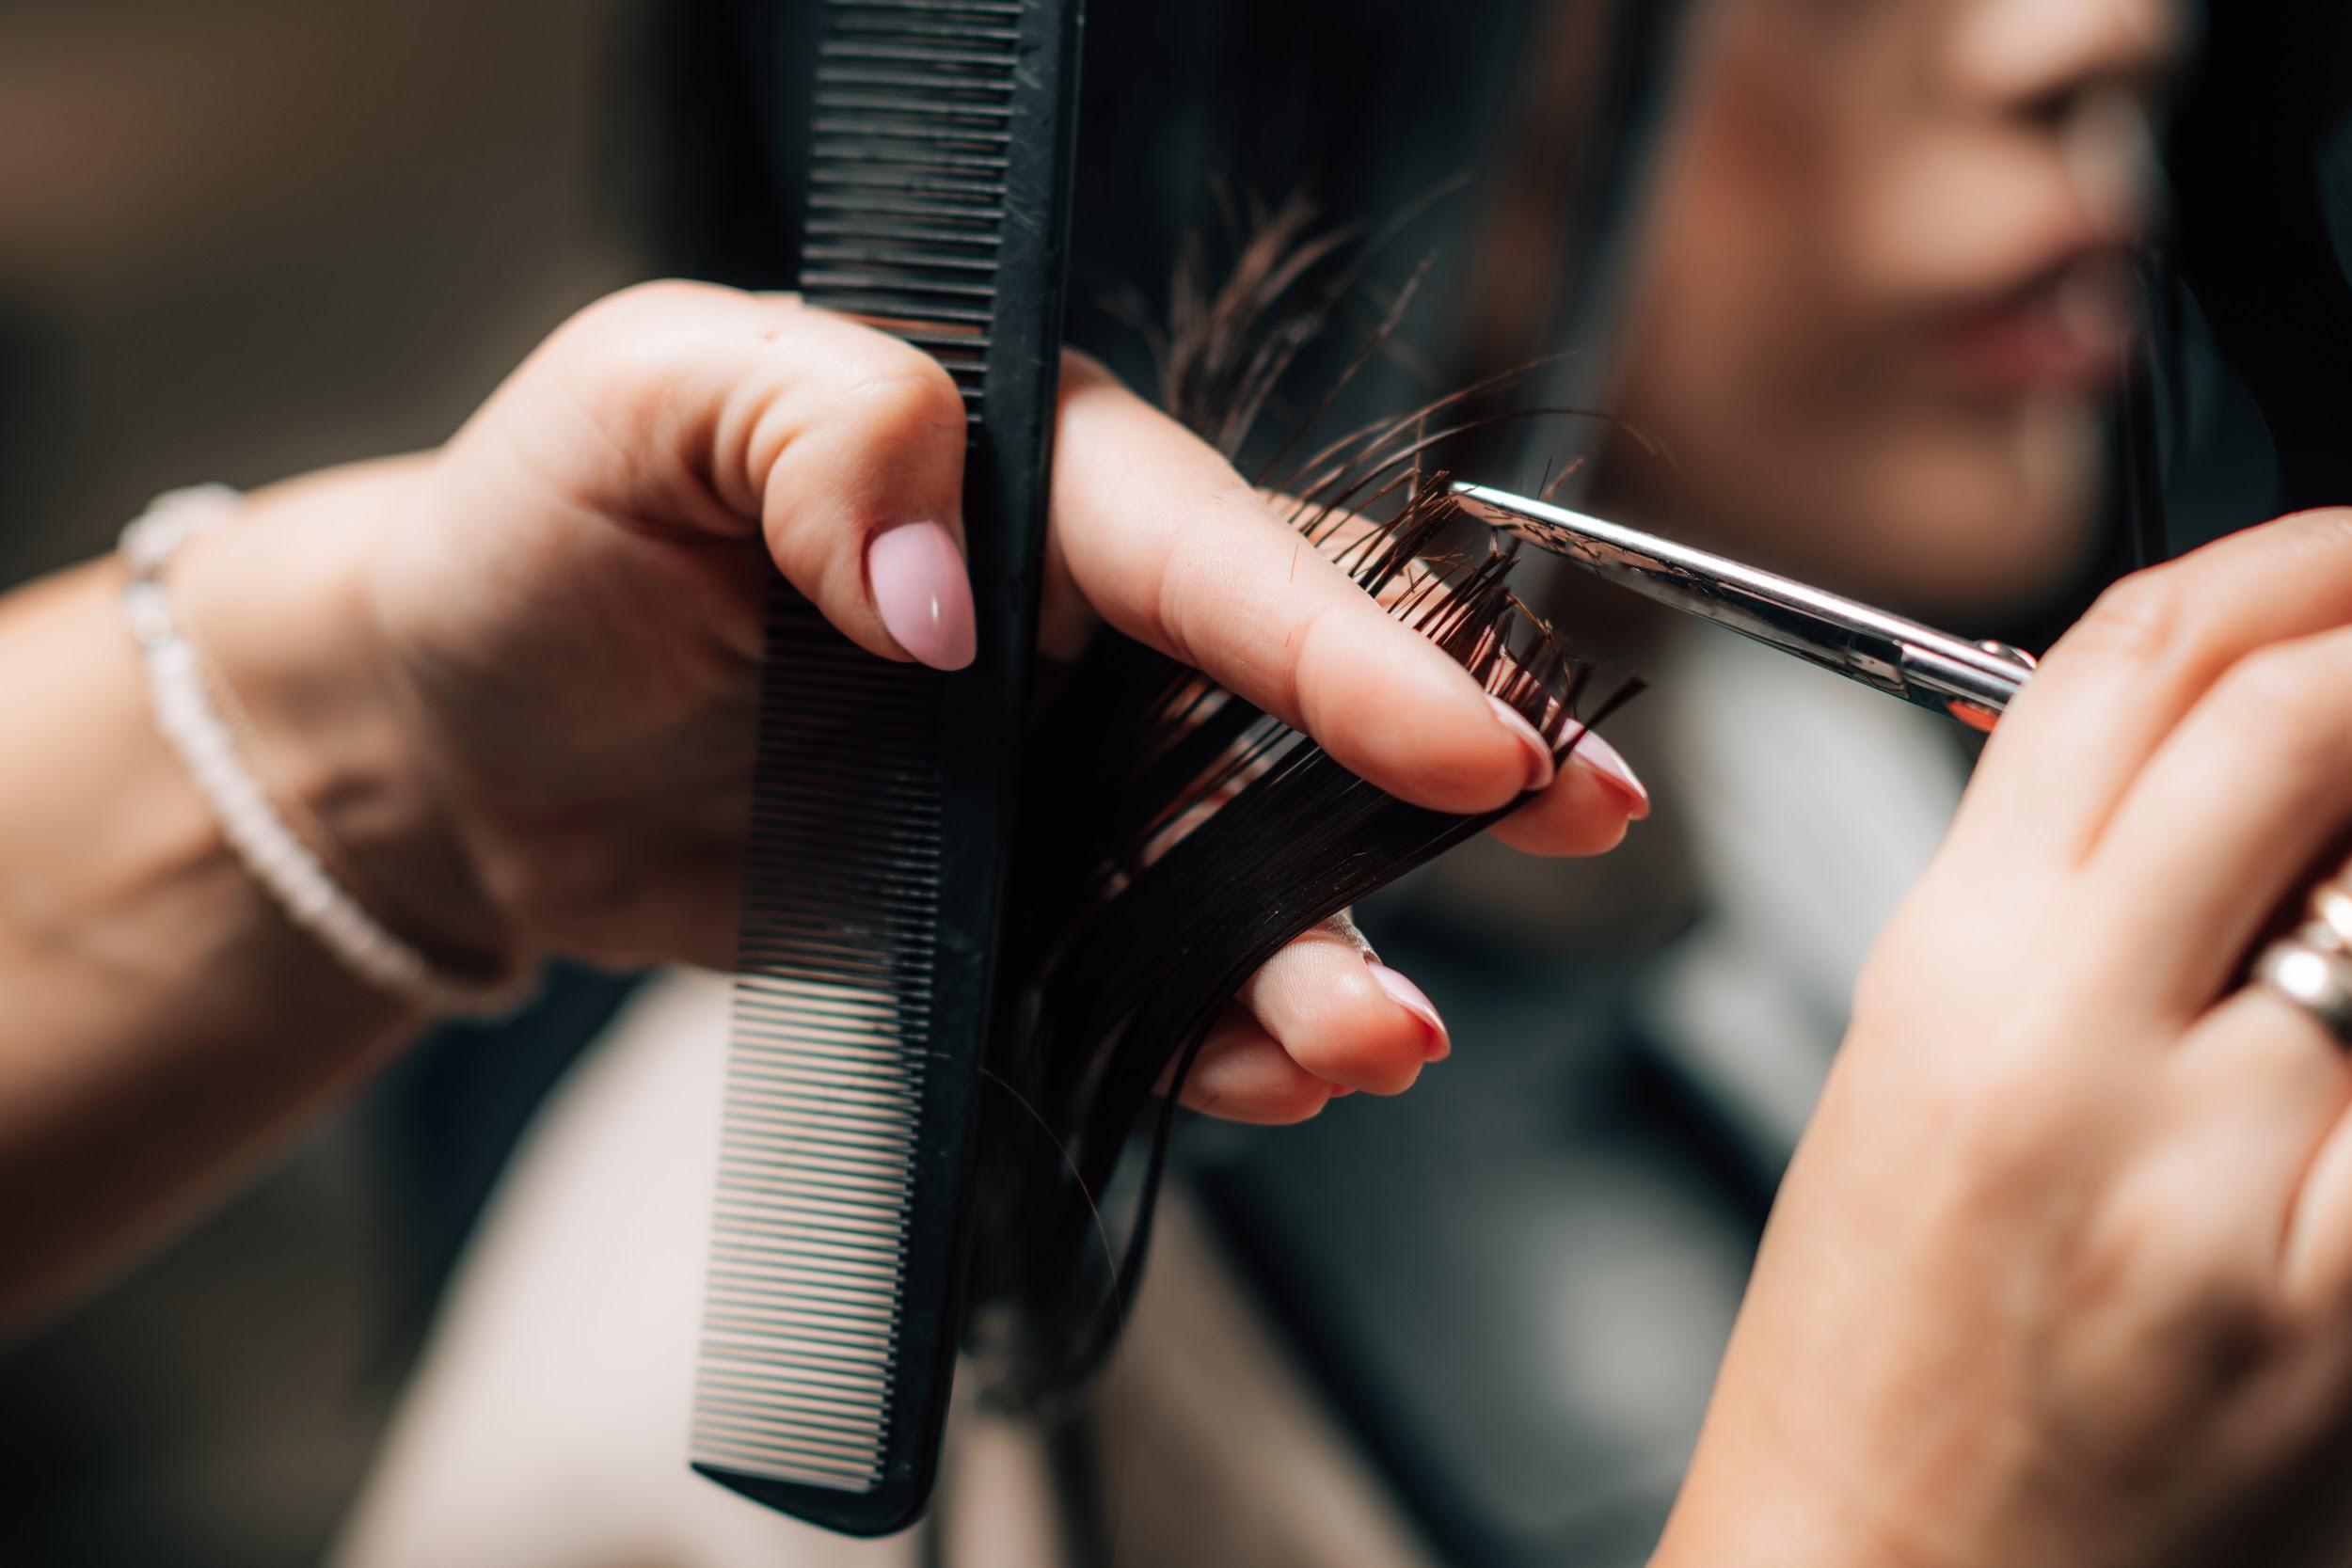 個人店と大型店、美容師としてあなたが働きやすいサロンはどっち?